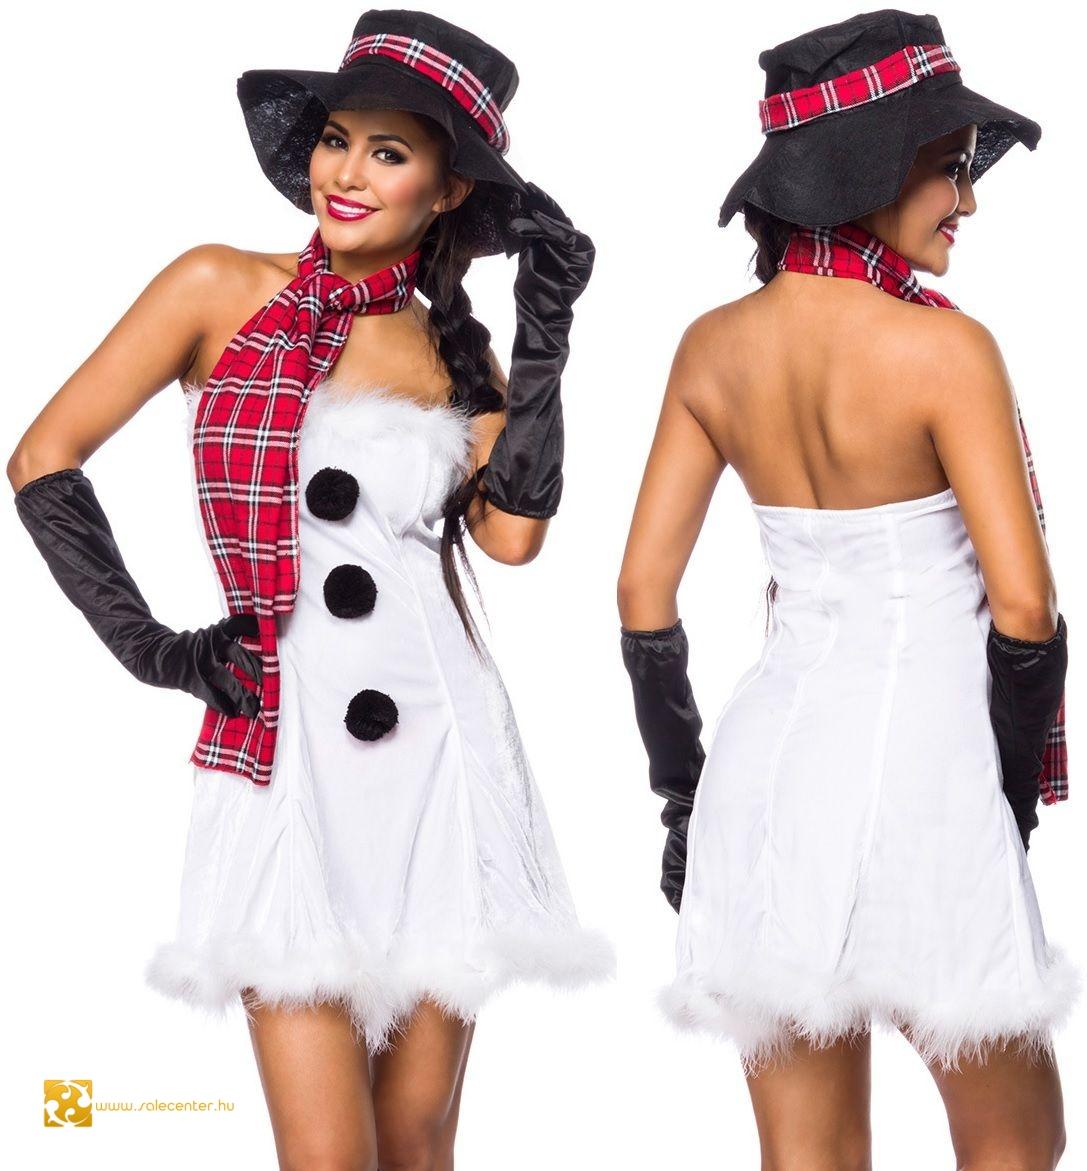 Szexi hóember jelmez karácsonyi mikulás ruha együttes jelmez kosztüm ... f19a4fbd42